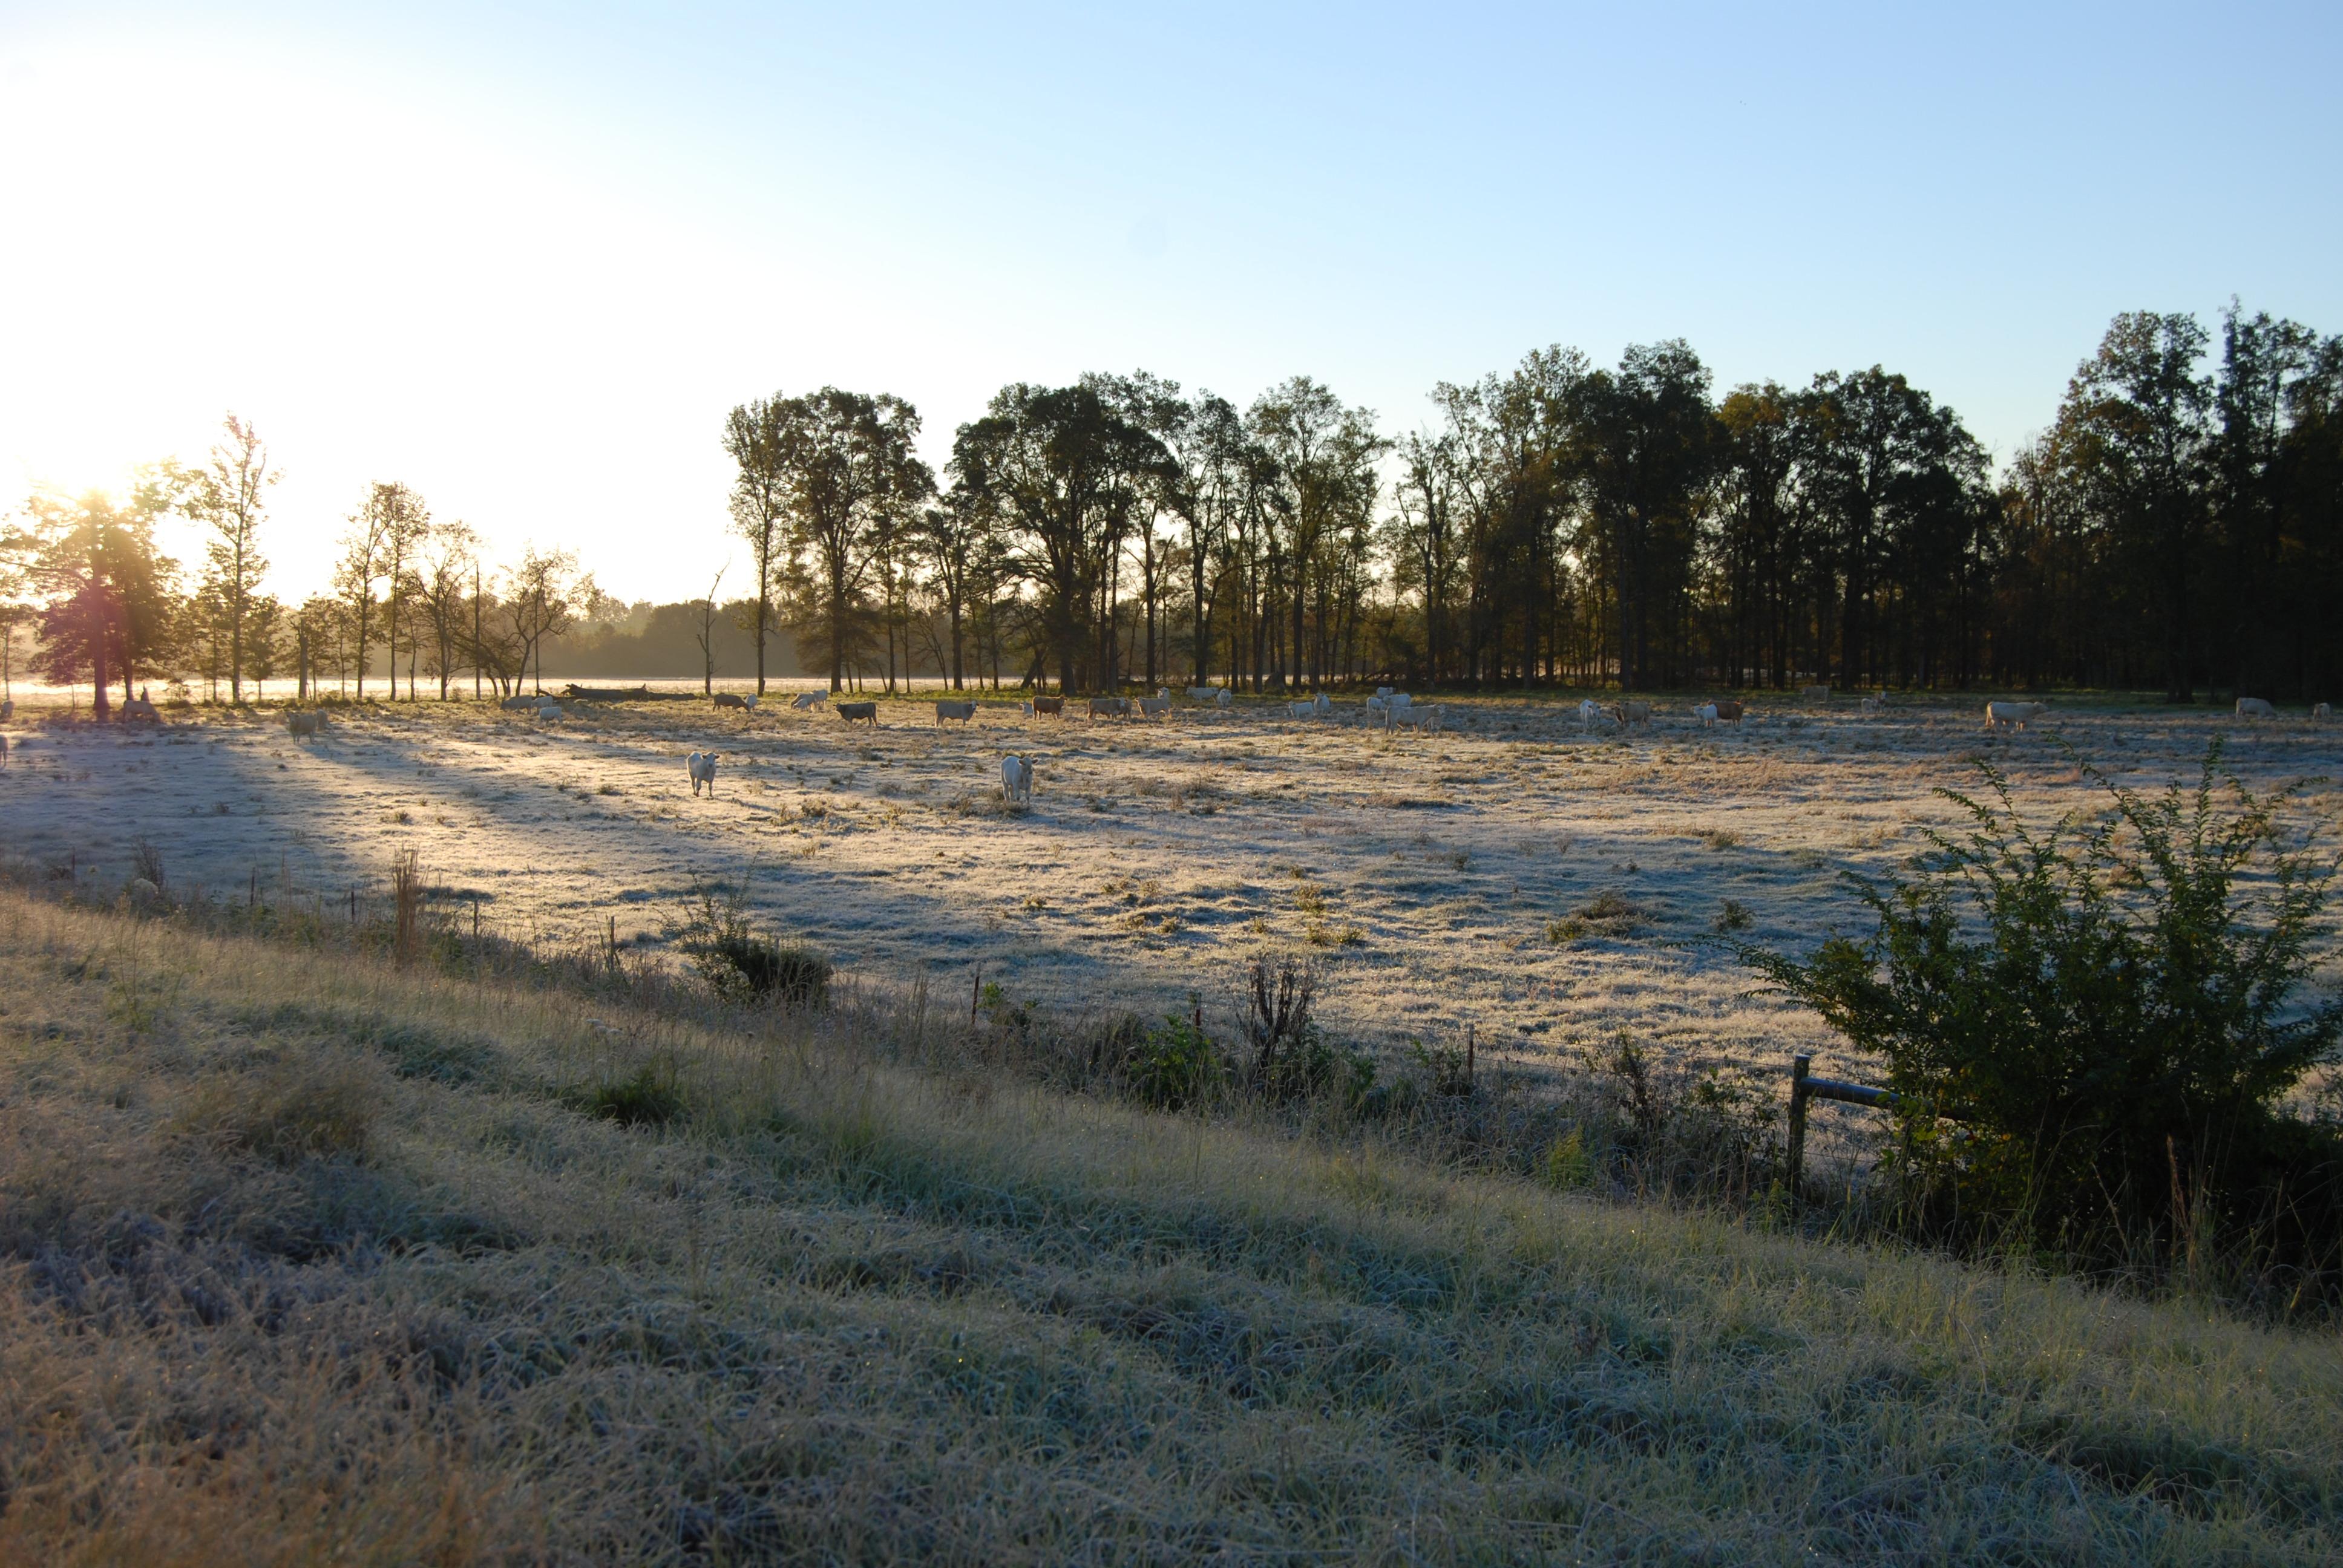 Early Arkansas frost